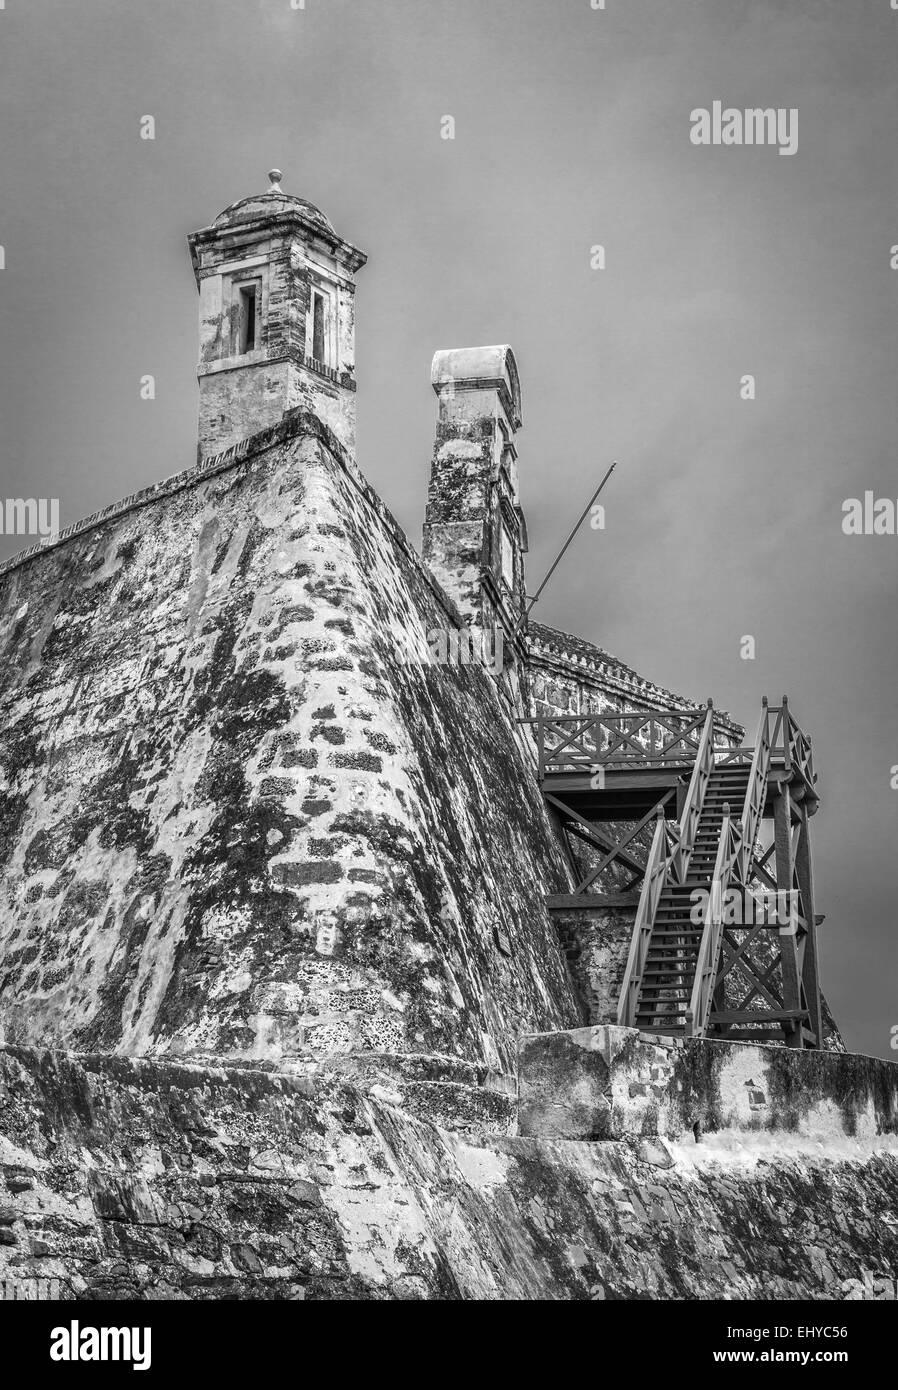 Photo monochrome de la forteresse de San Felipe, Cartagena de Indias, Colombie. Banque D'Images